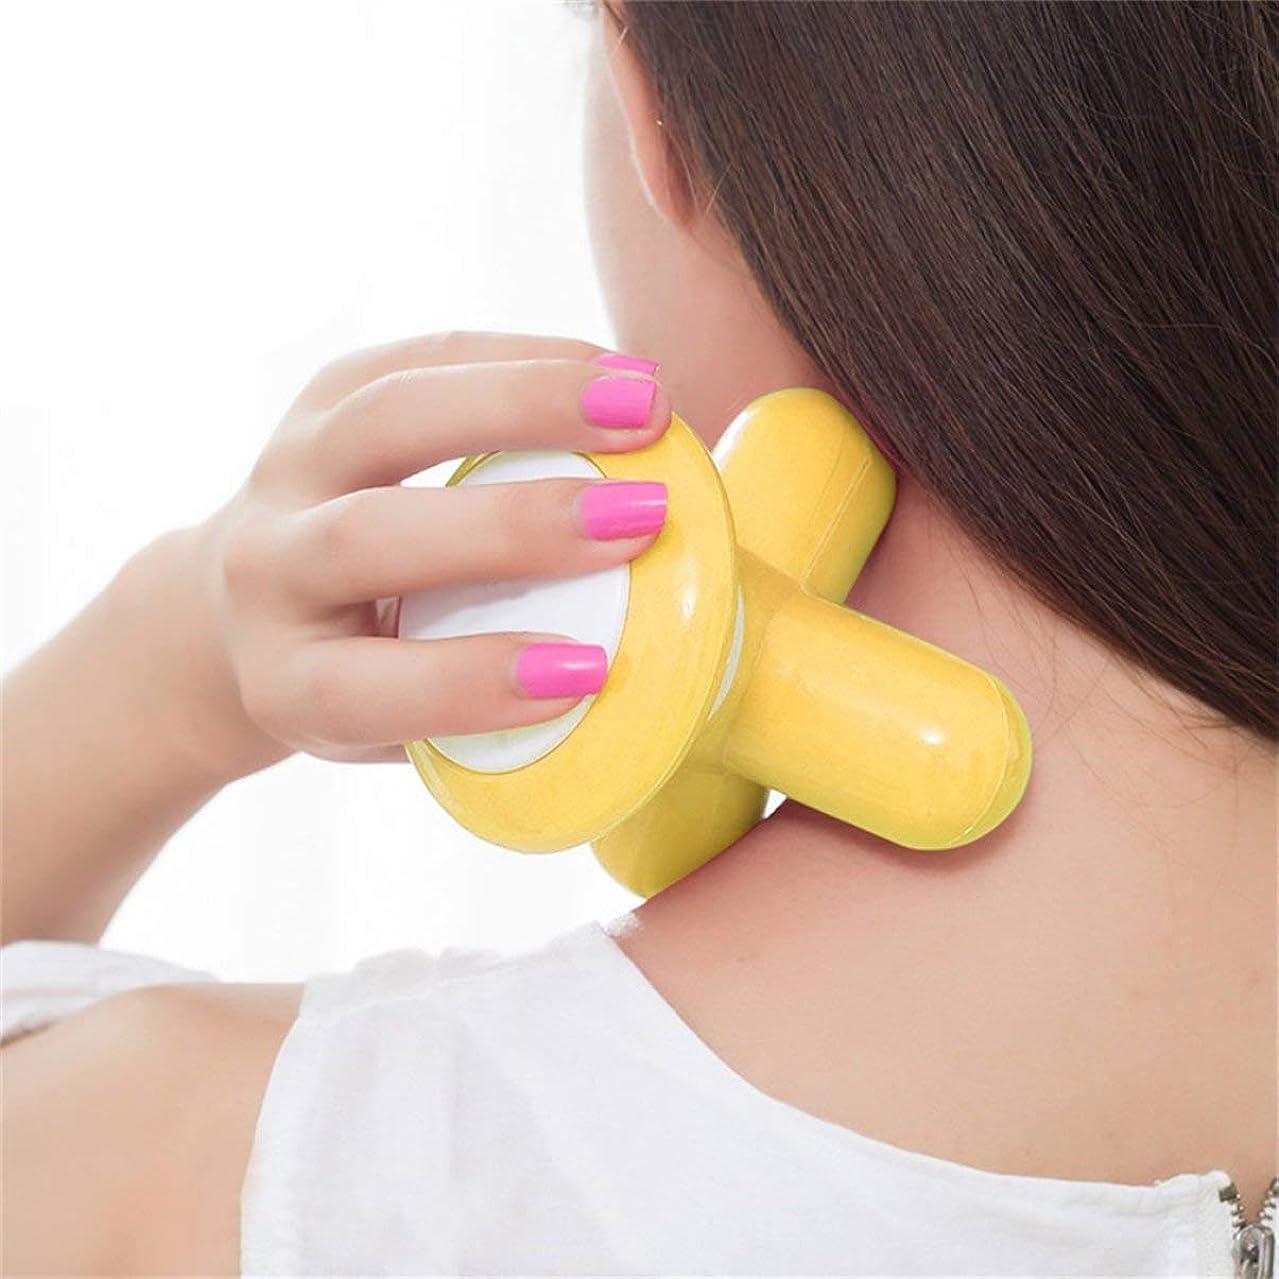 百年ダイバー楽しいMini Electric Handled Wave Vibrating Massager USB Battery Full Body Massage Ultra-compact Lightweight Convenient for Carrying